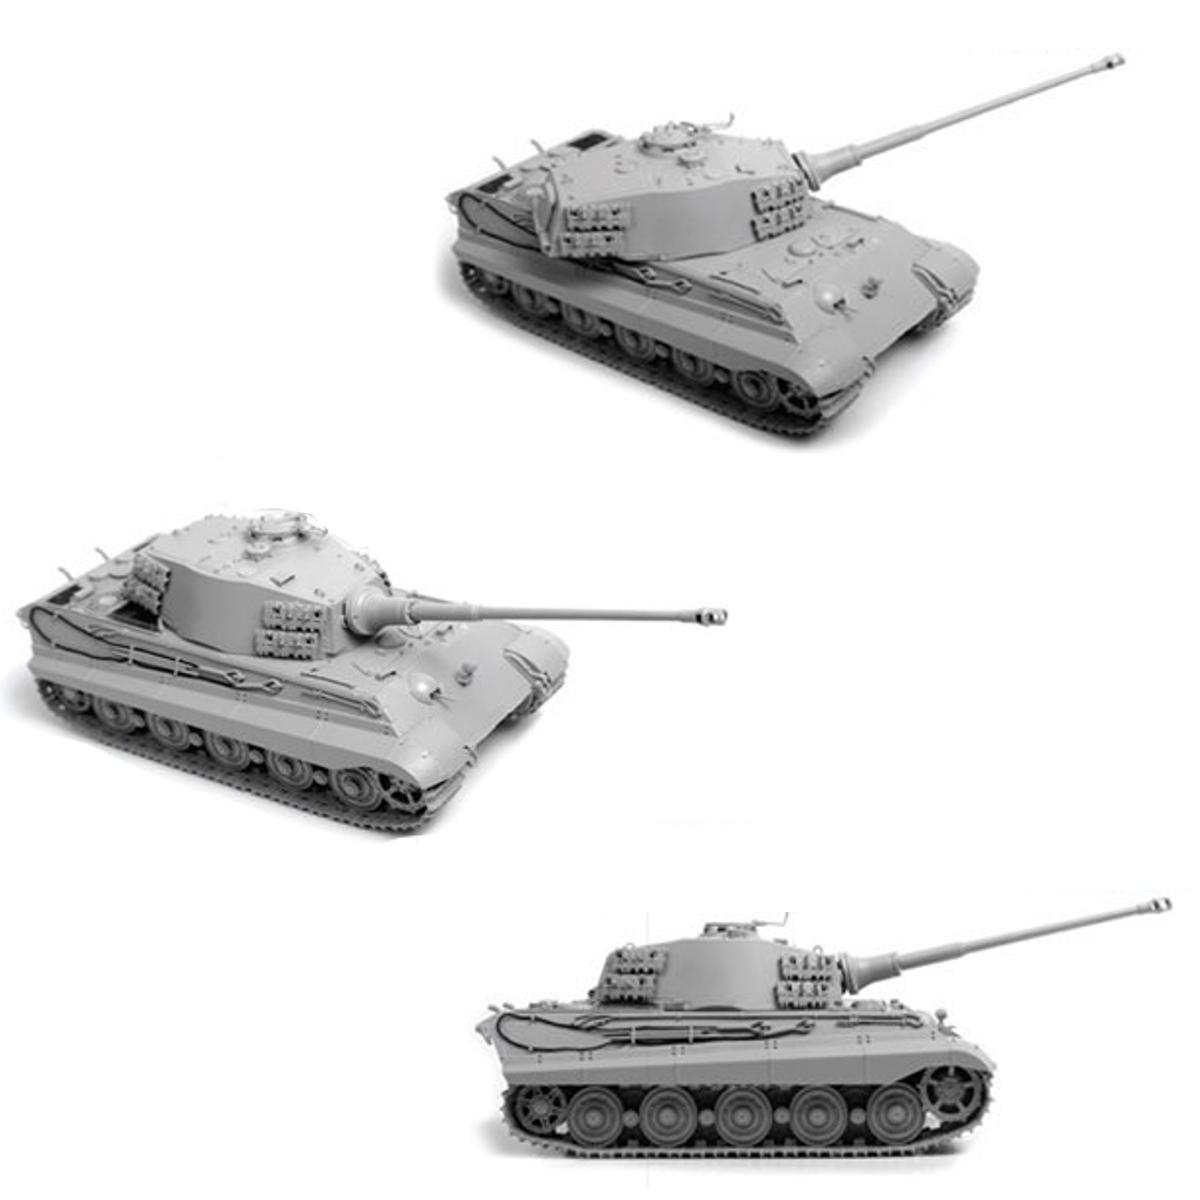 Модель сборная. Немецкий тяжёлый танк Королевский Тигр башня ХеншельМодели танков для склеивания<br>Модель сборная. Немецкий тяжёлый танк Королевский Тигр башня Хеншель<br>